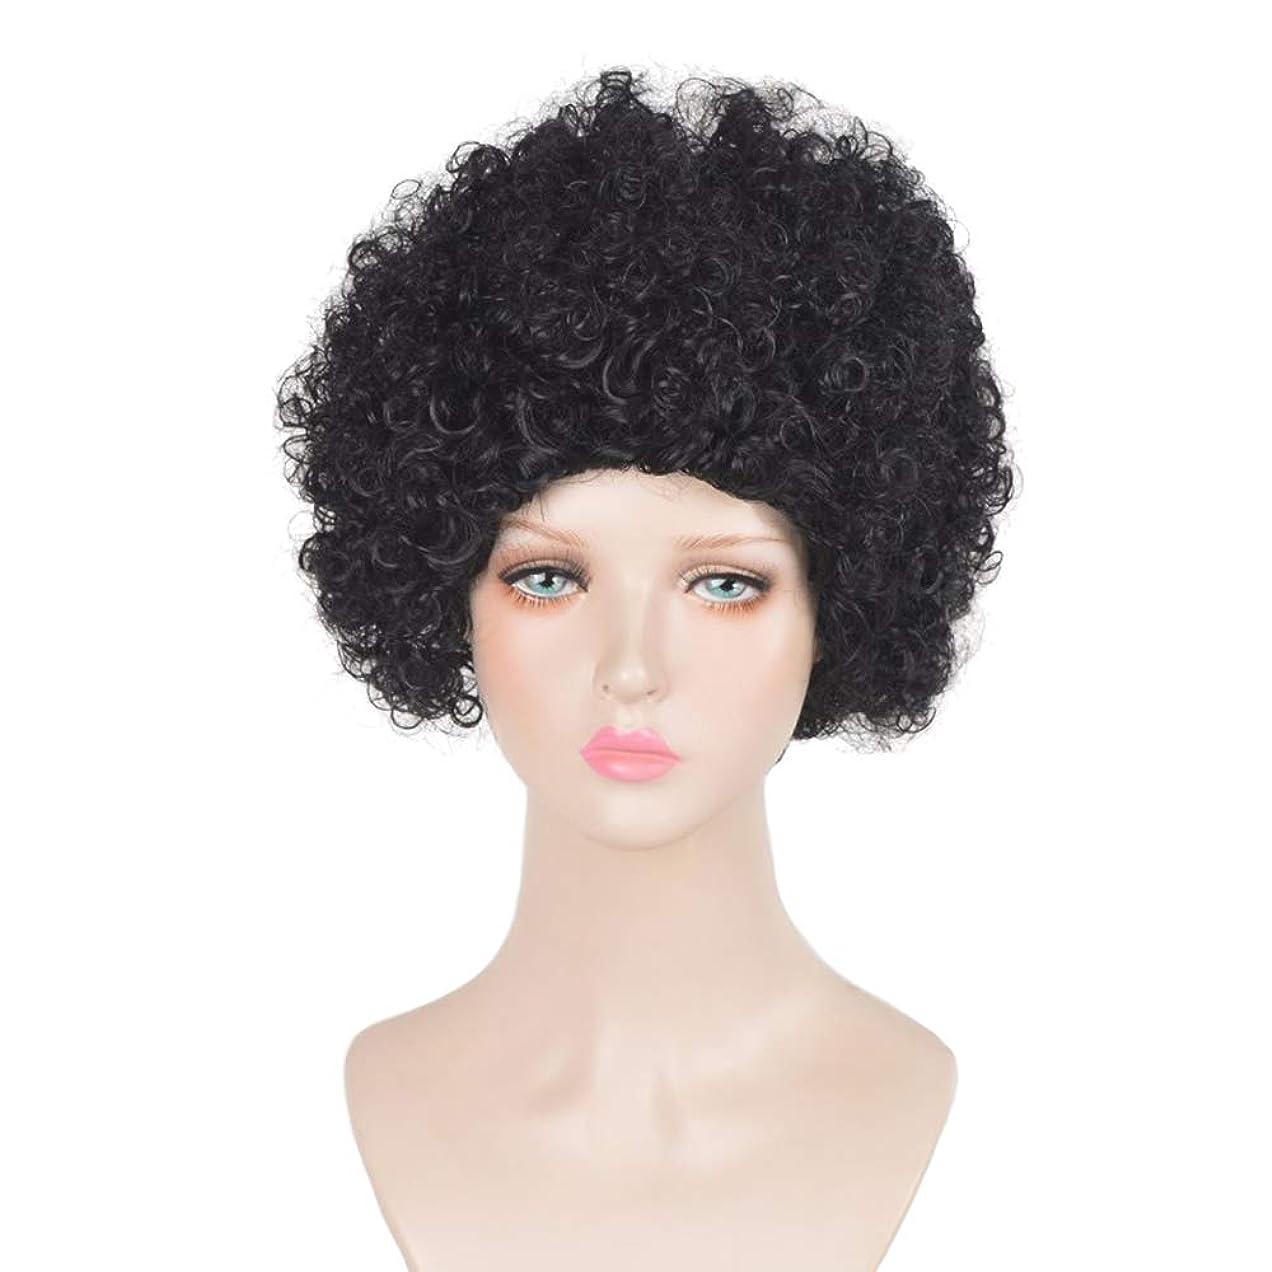 イディオム回想ジョリーウィッグ - ファッションレディーショートボリューム爆発ヘア高温シルクウィッグパーティーコスプレハロウィーン30cmブラック (色 : 黒, サイズ さいず : 30cm)